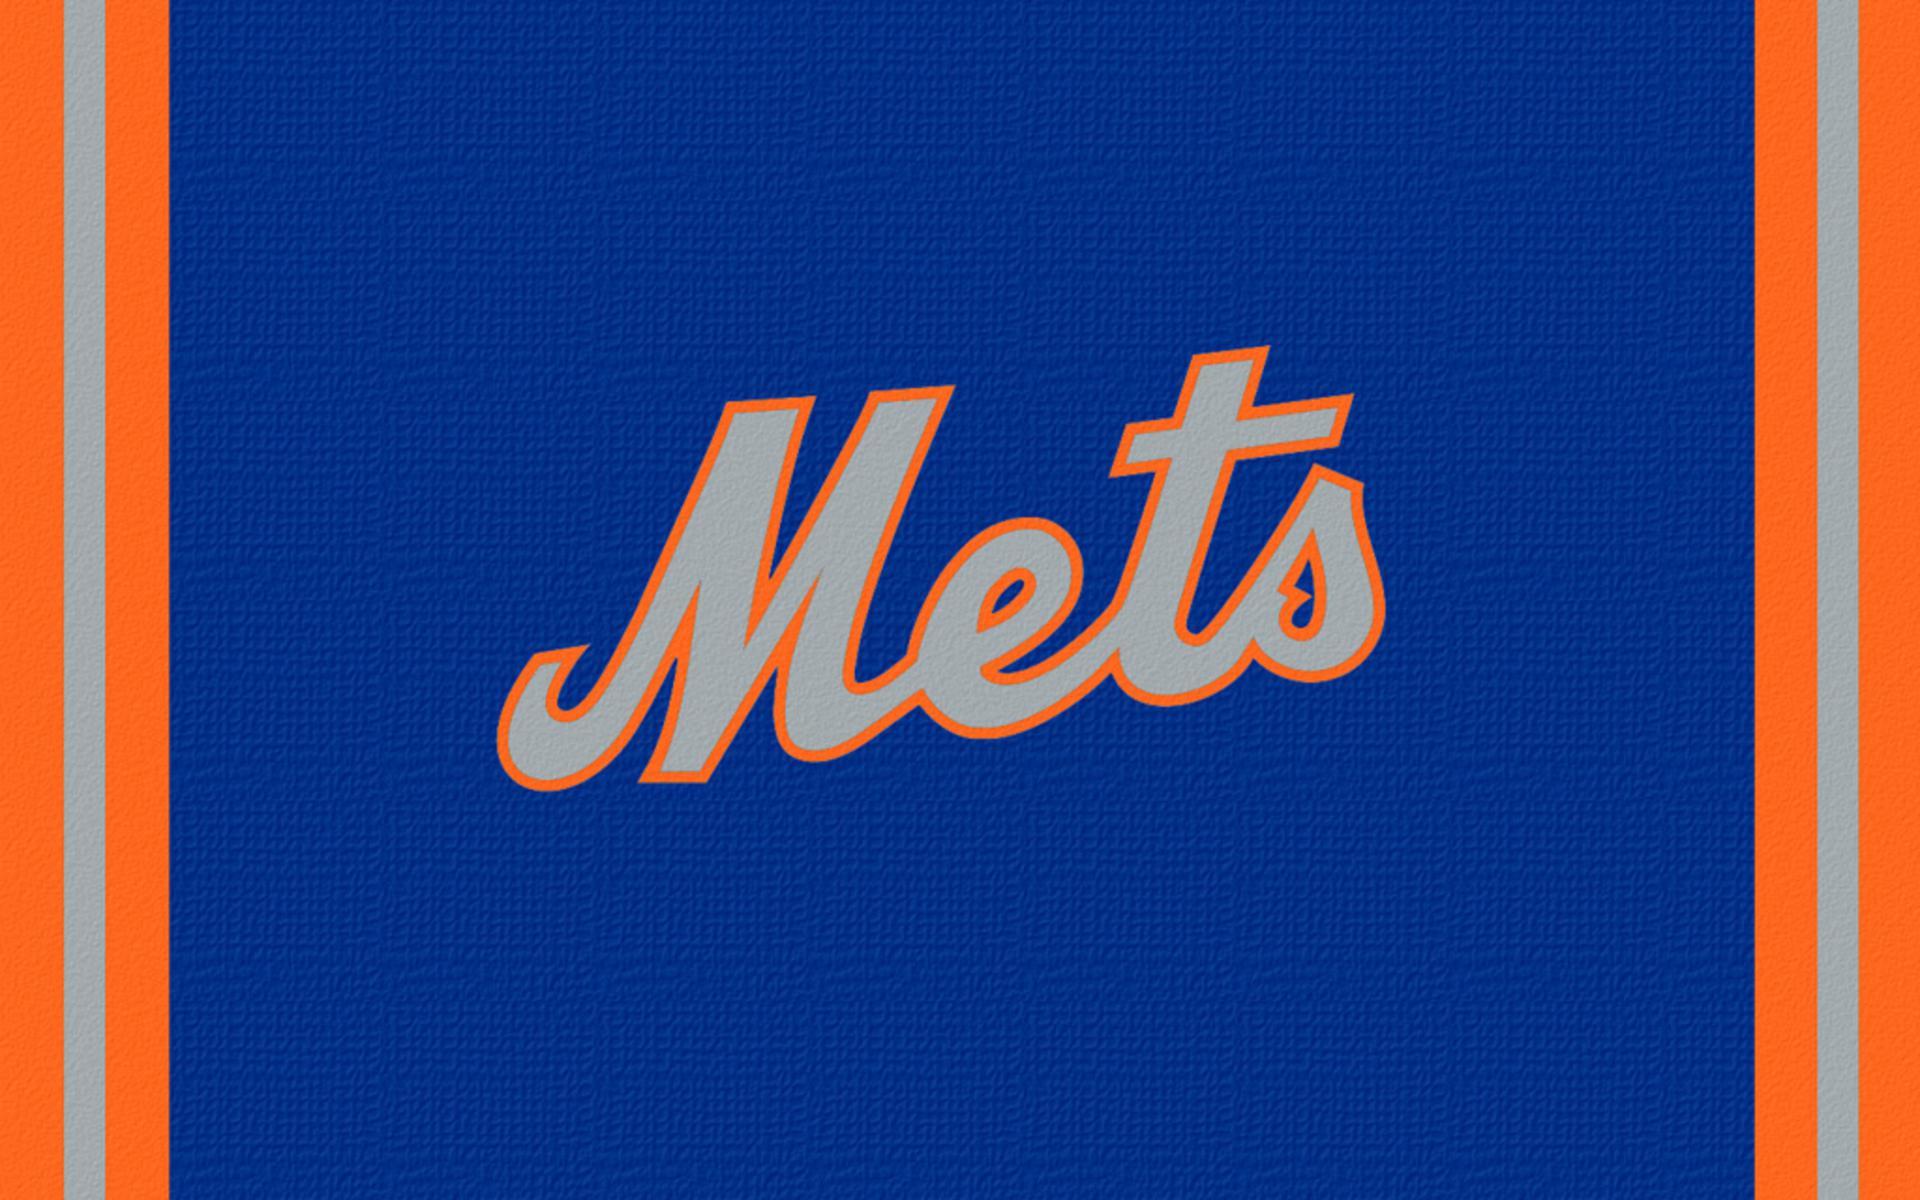 New York Mets Wallpaper: Mets Pitchers Wallpaper